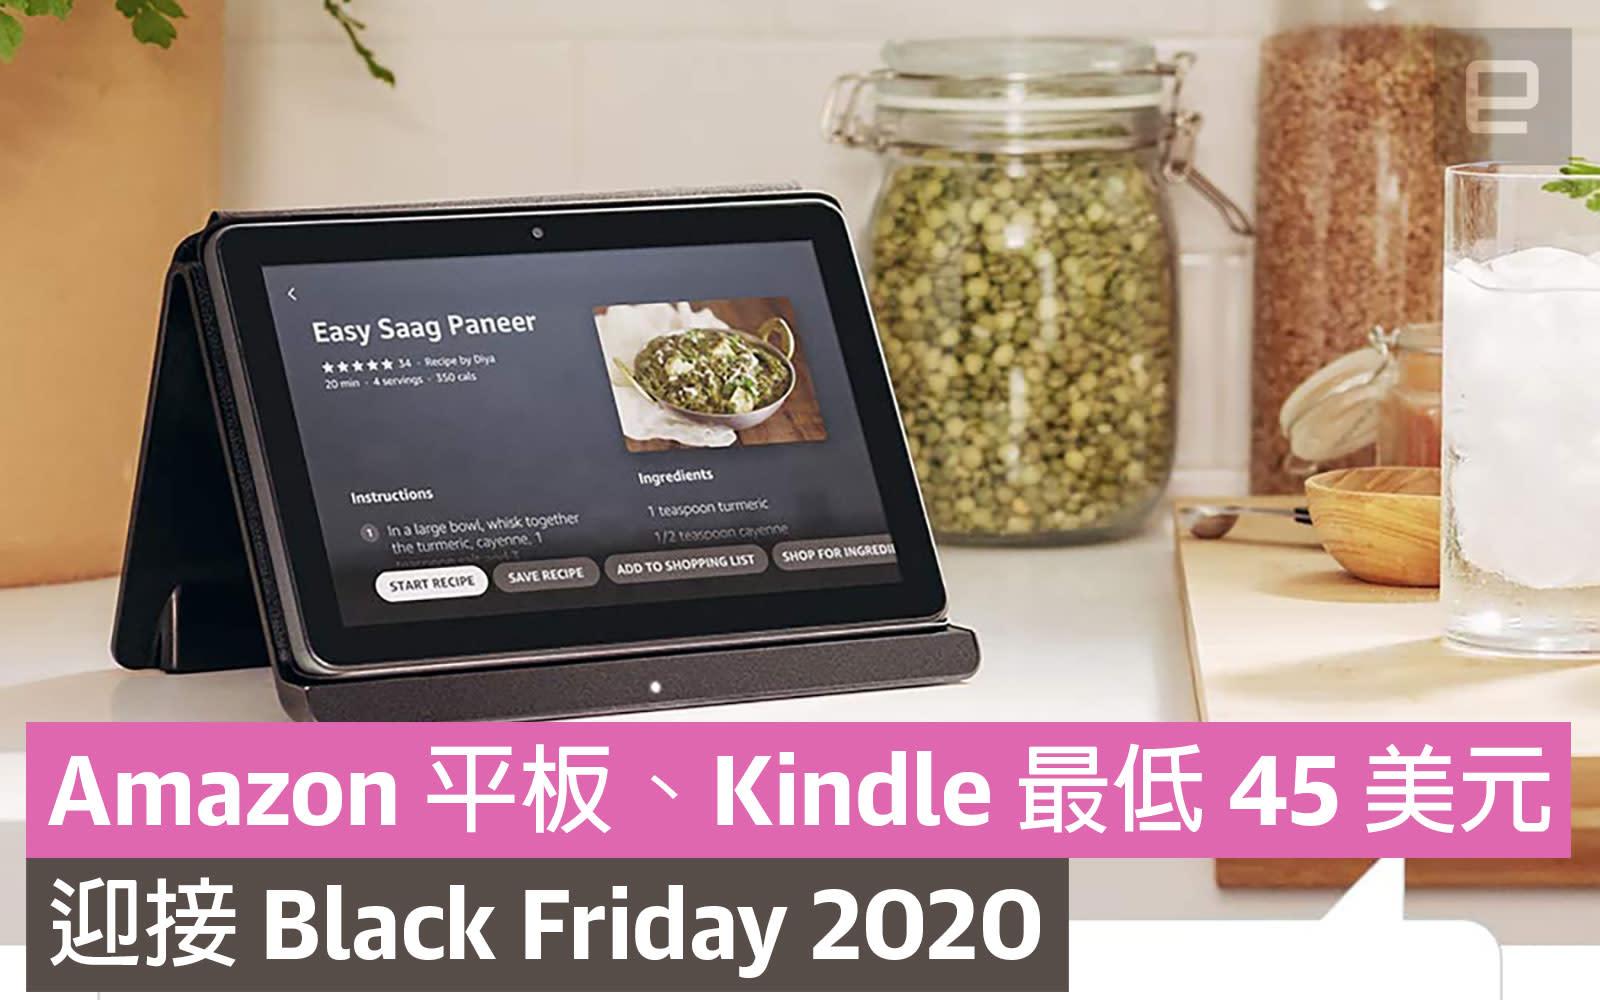 亚马逊平板电脑和 Kindle 减至最低 45 美元,迎接 Black Friday 2020